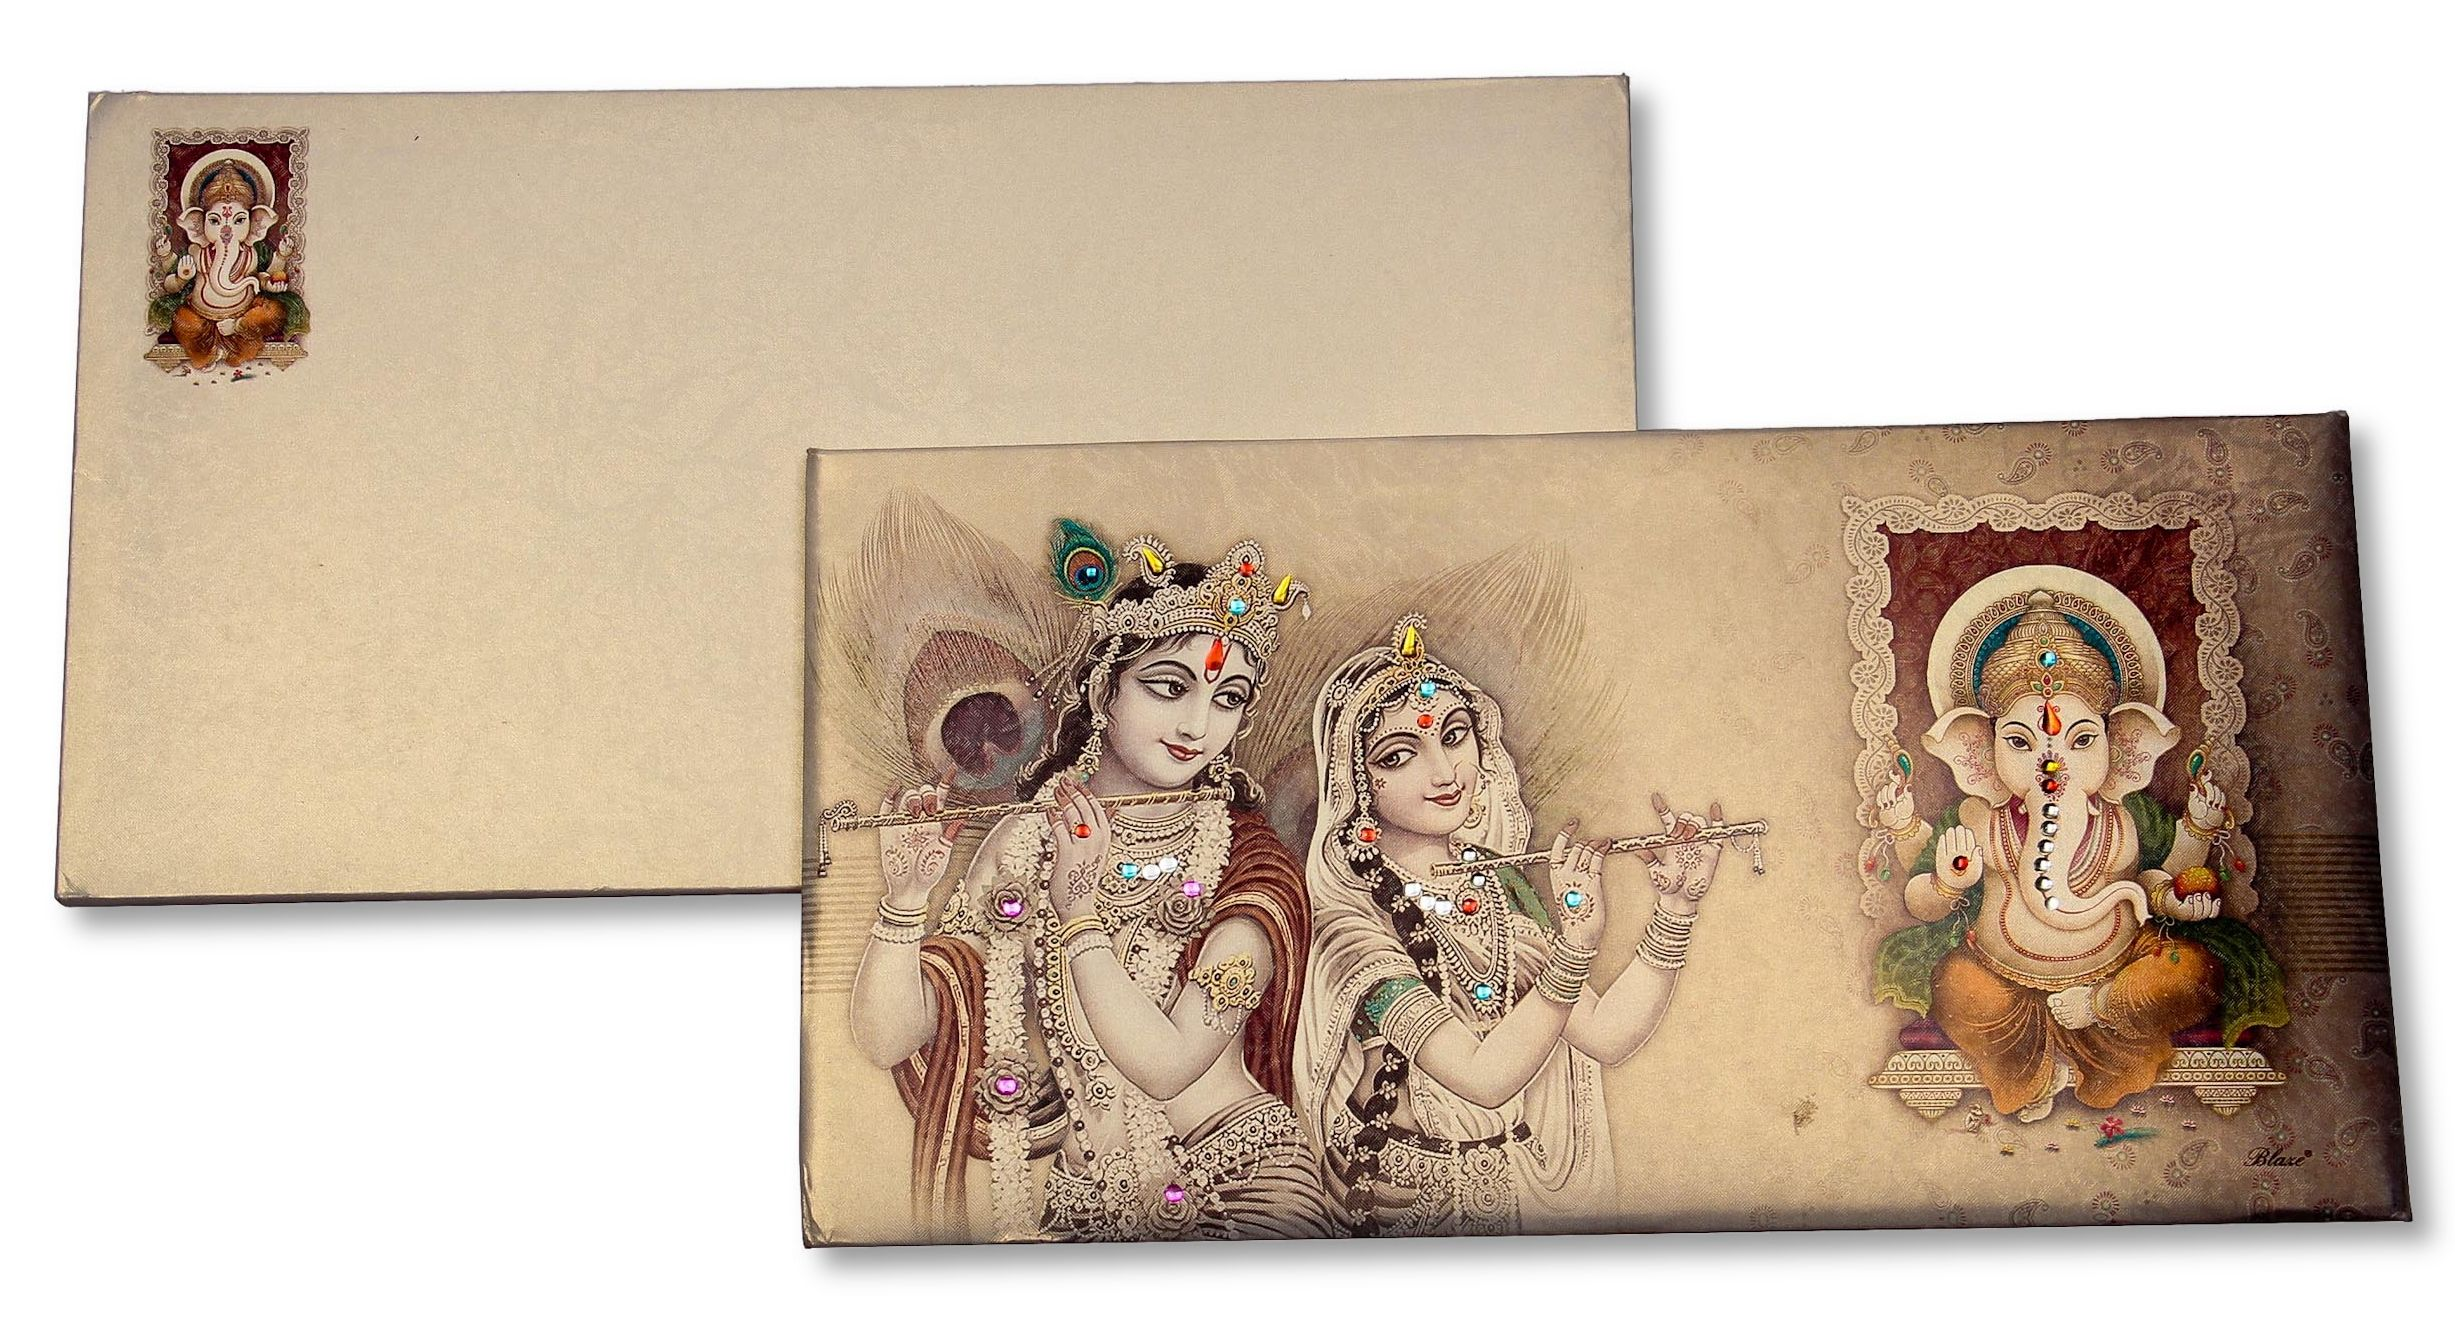 Premiumhinduweddinginvitationcardsprabhatweddingcards – Hindu Marriage Invitation Cards